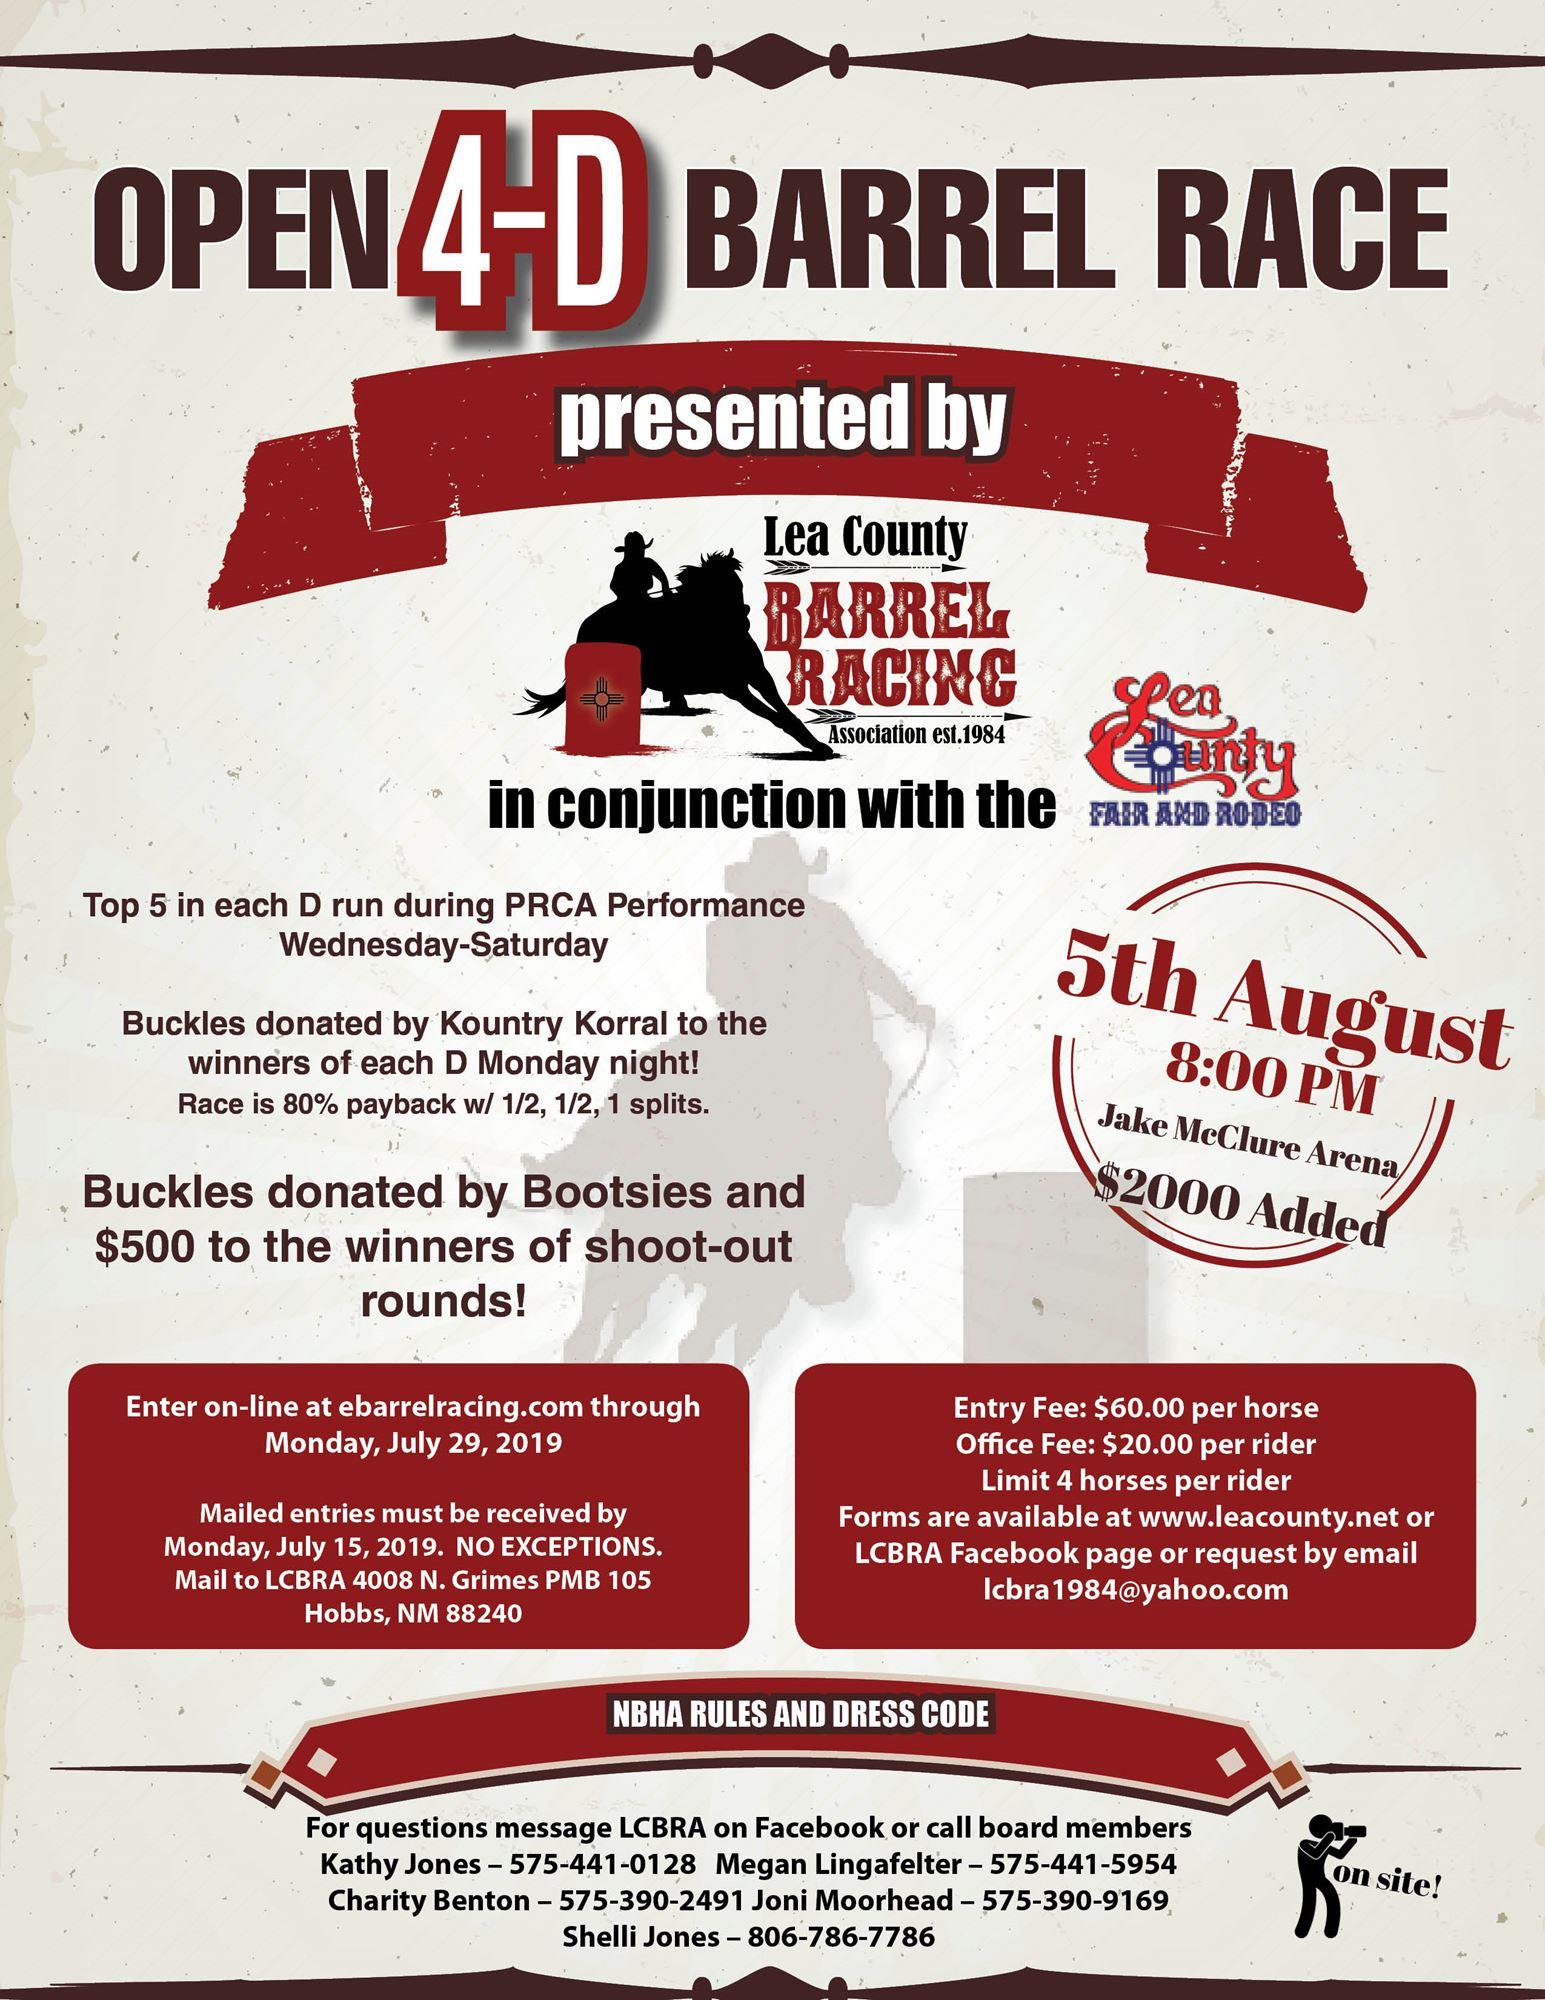 Open 4-D Barrel Race presented by LCBRA